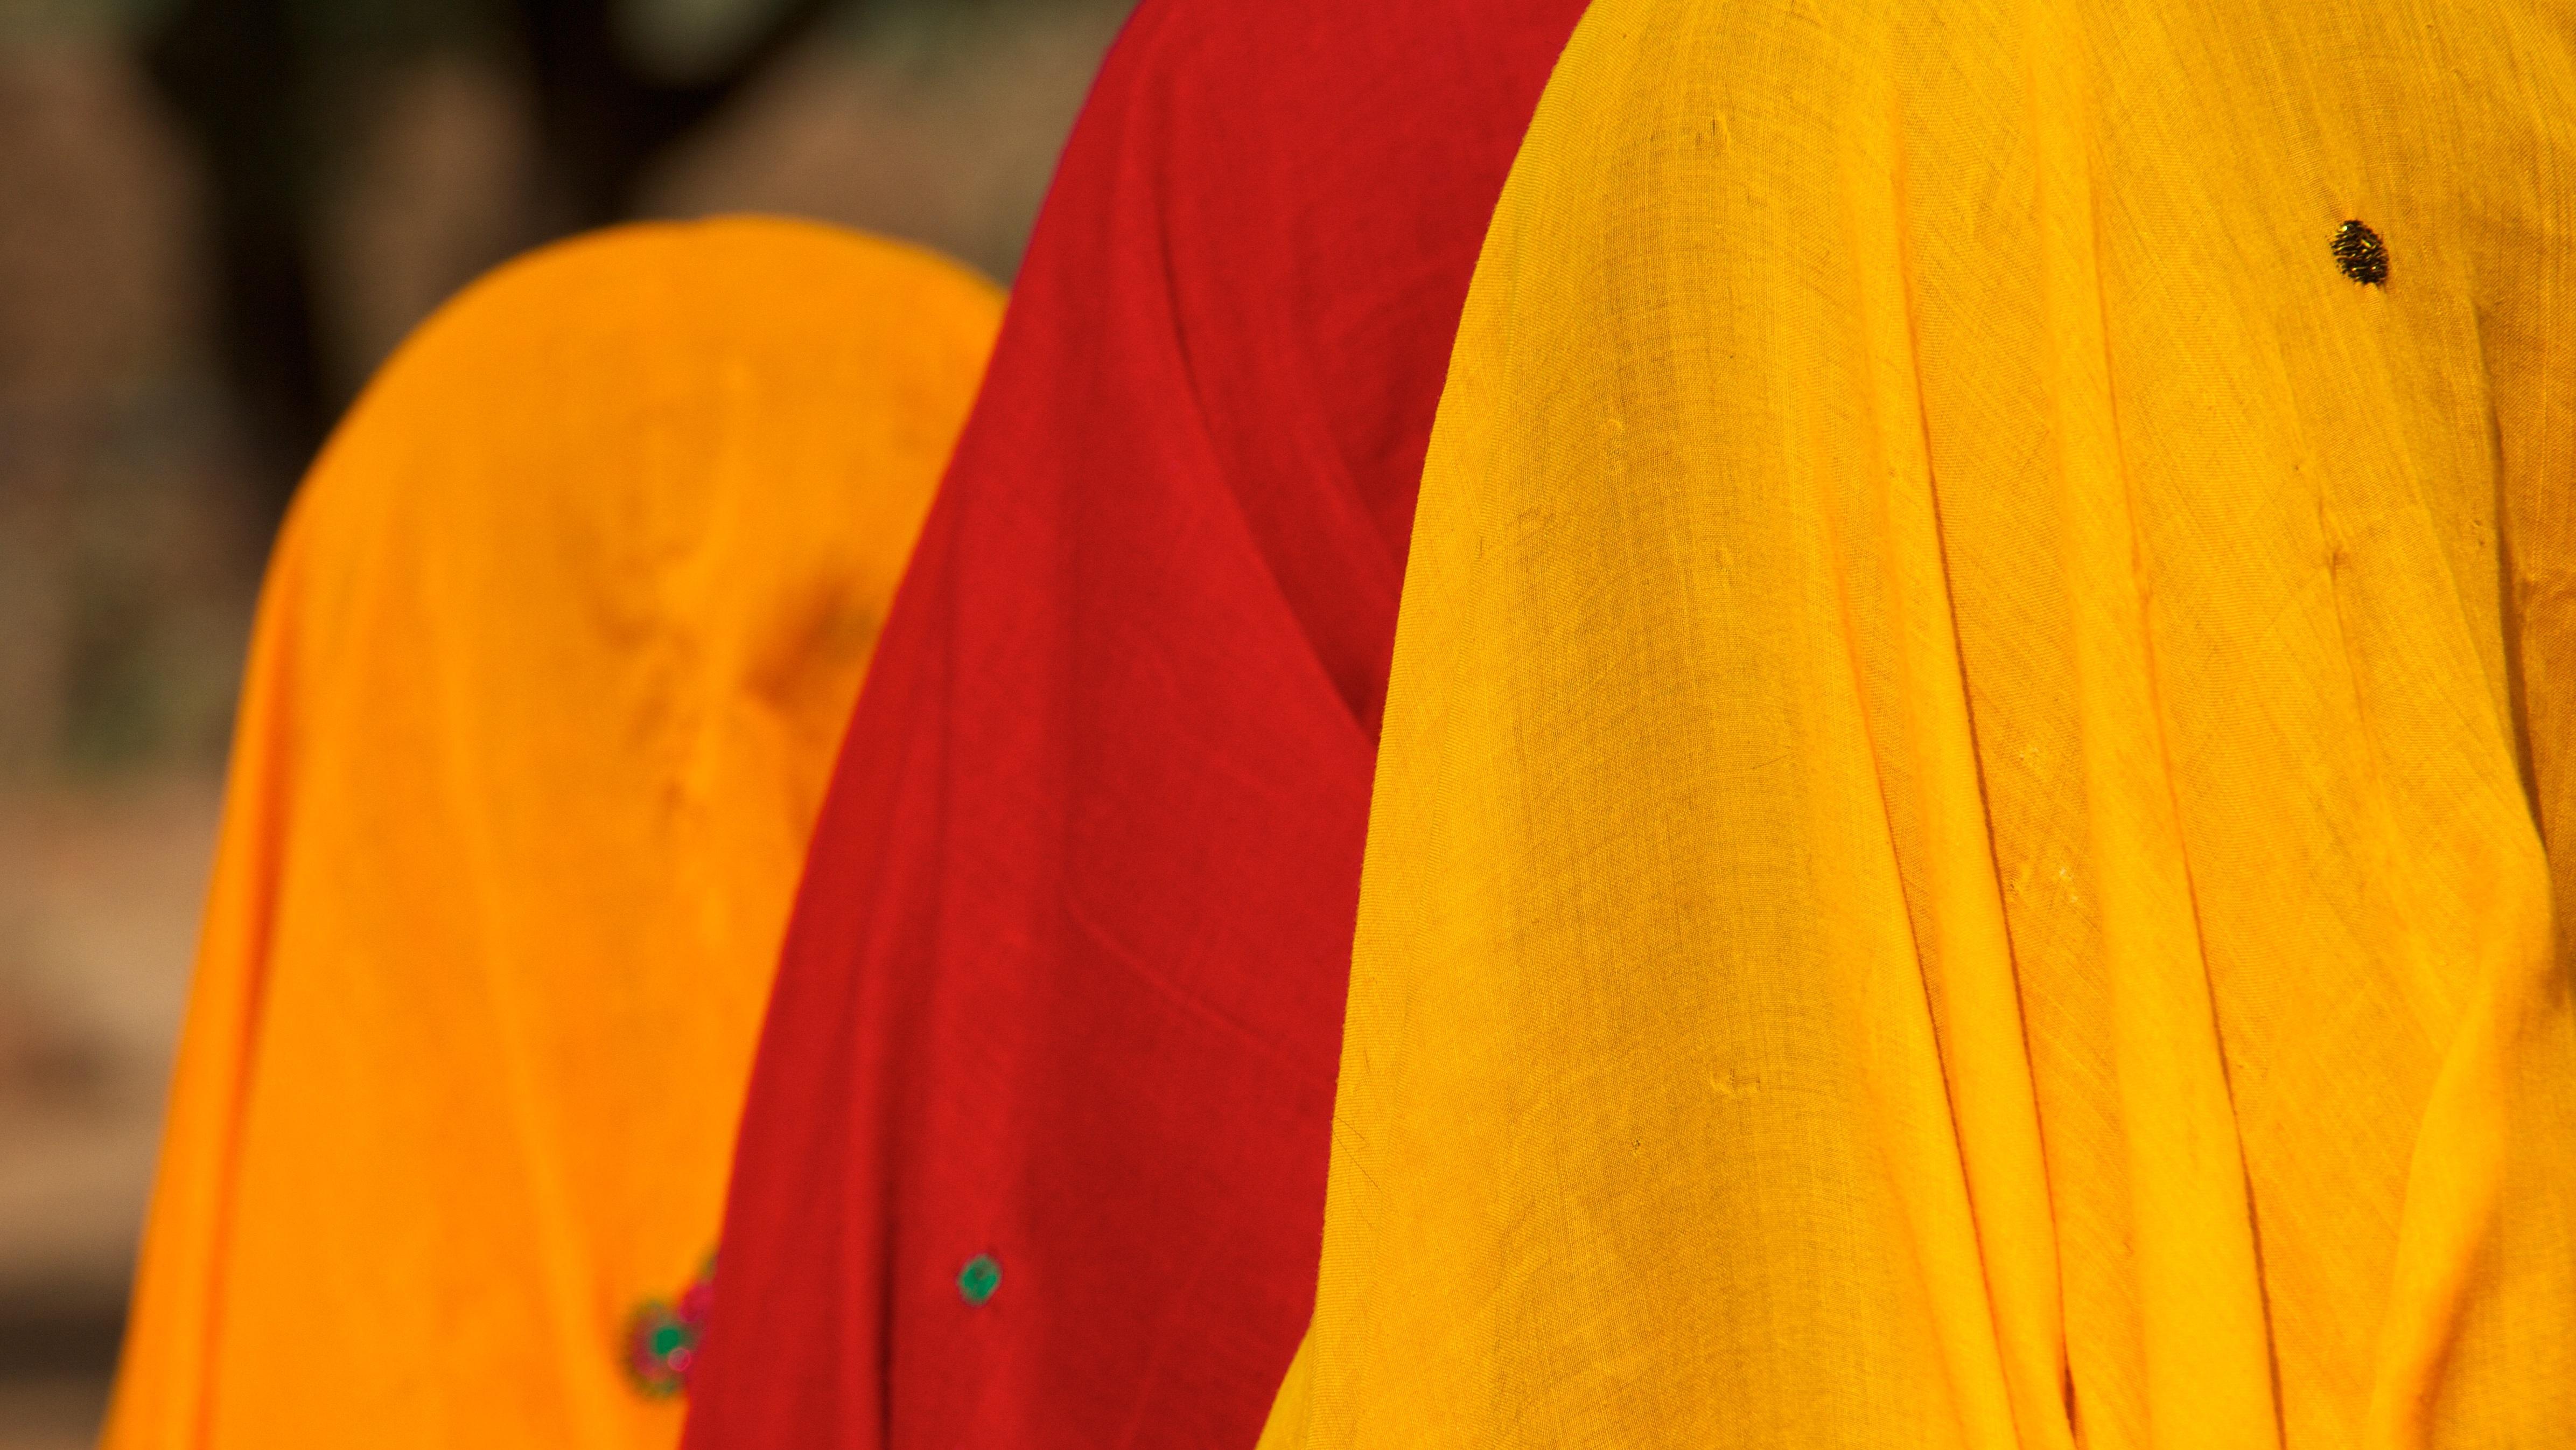 d6ca3c93 forår rød farve tøj gul overtøj piger kjole indien farverig sjal piger i  farverige sjaler indien